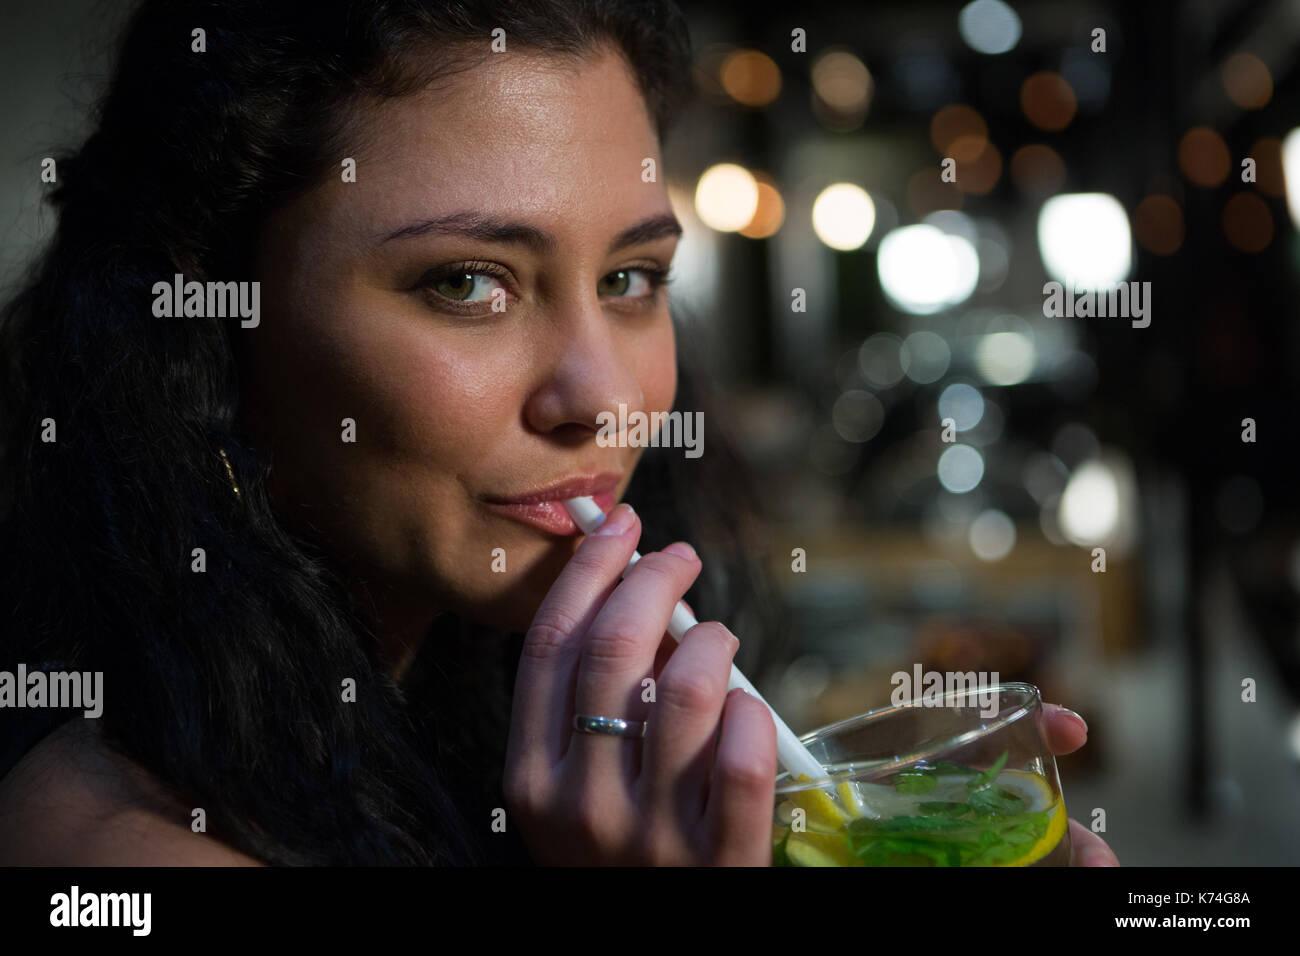 Ritratto di donna bella mocktail bere nel ristorante Immagini Stock